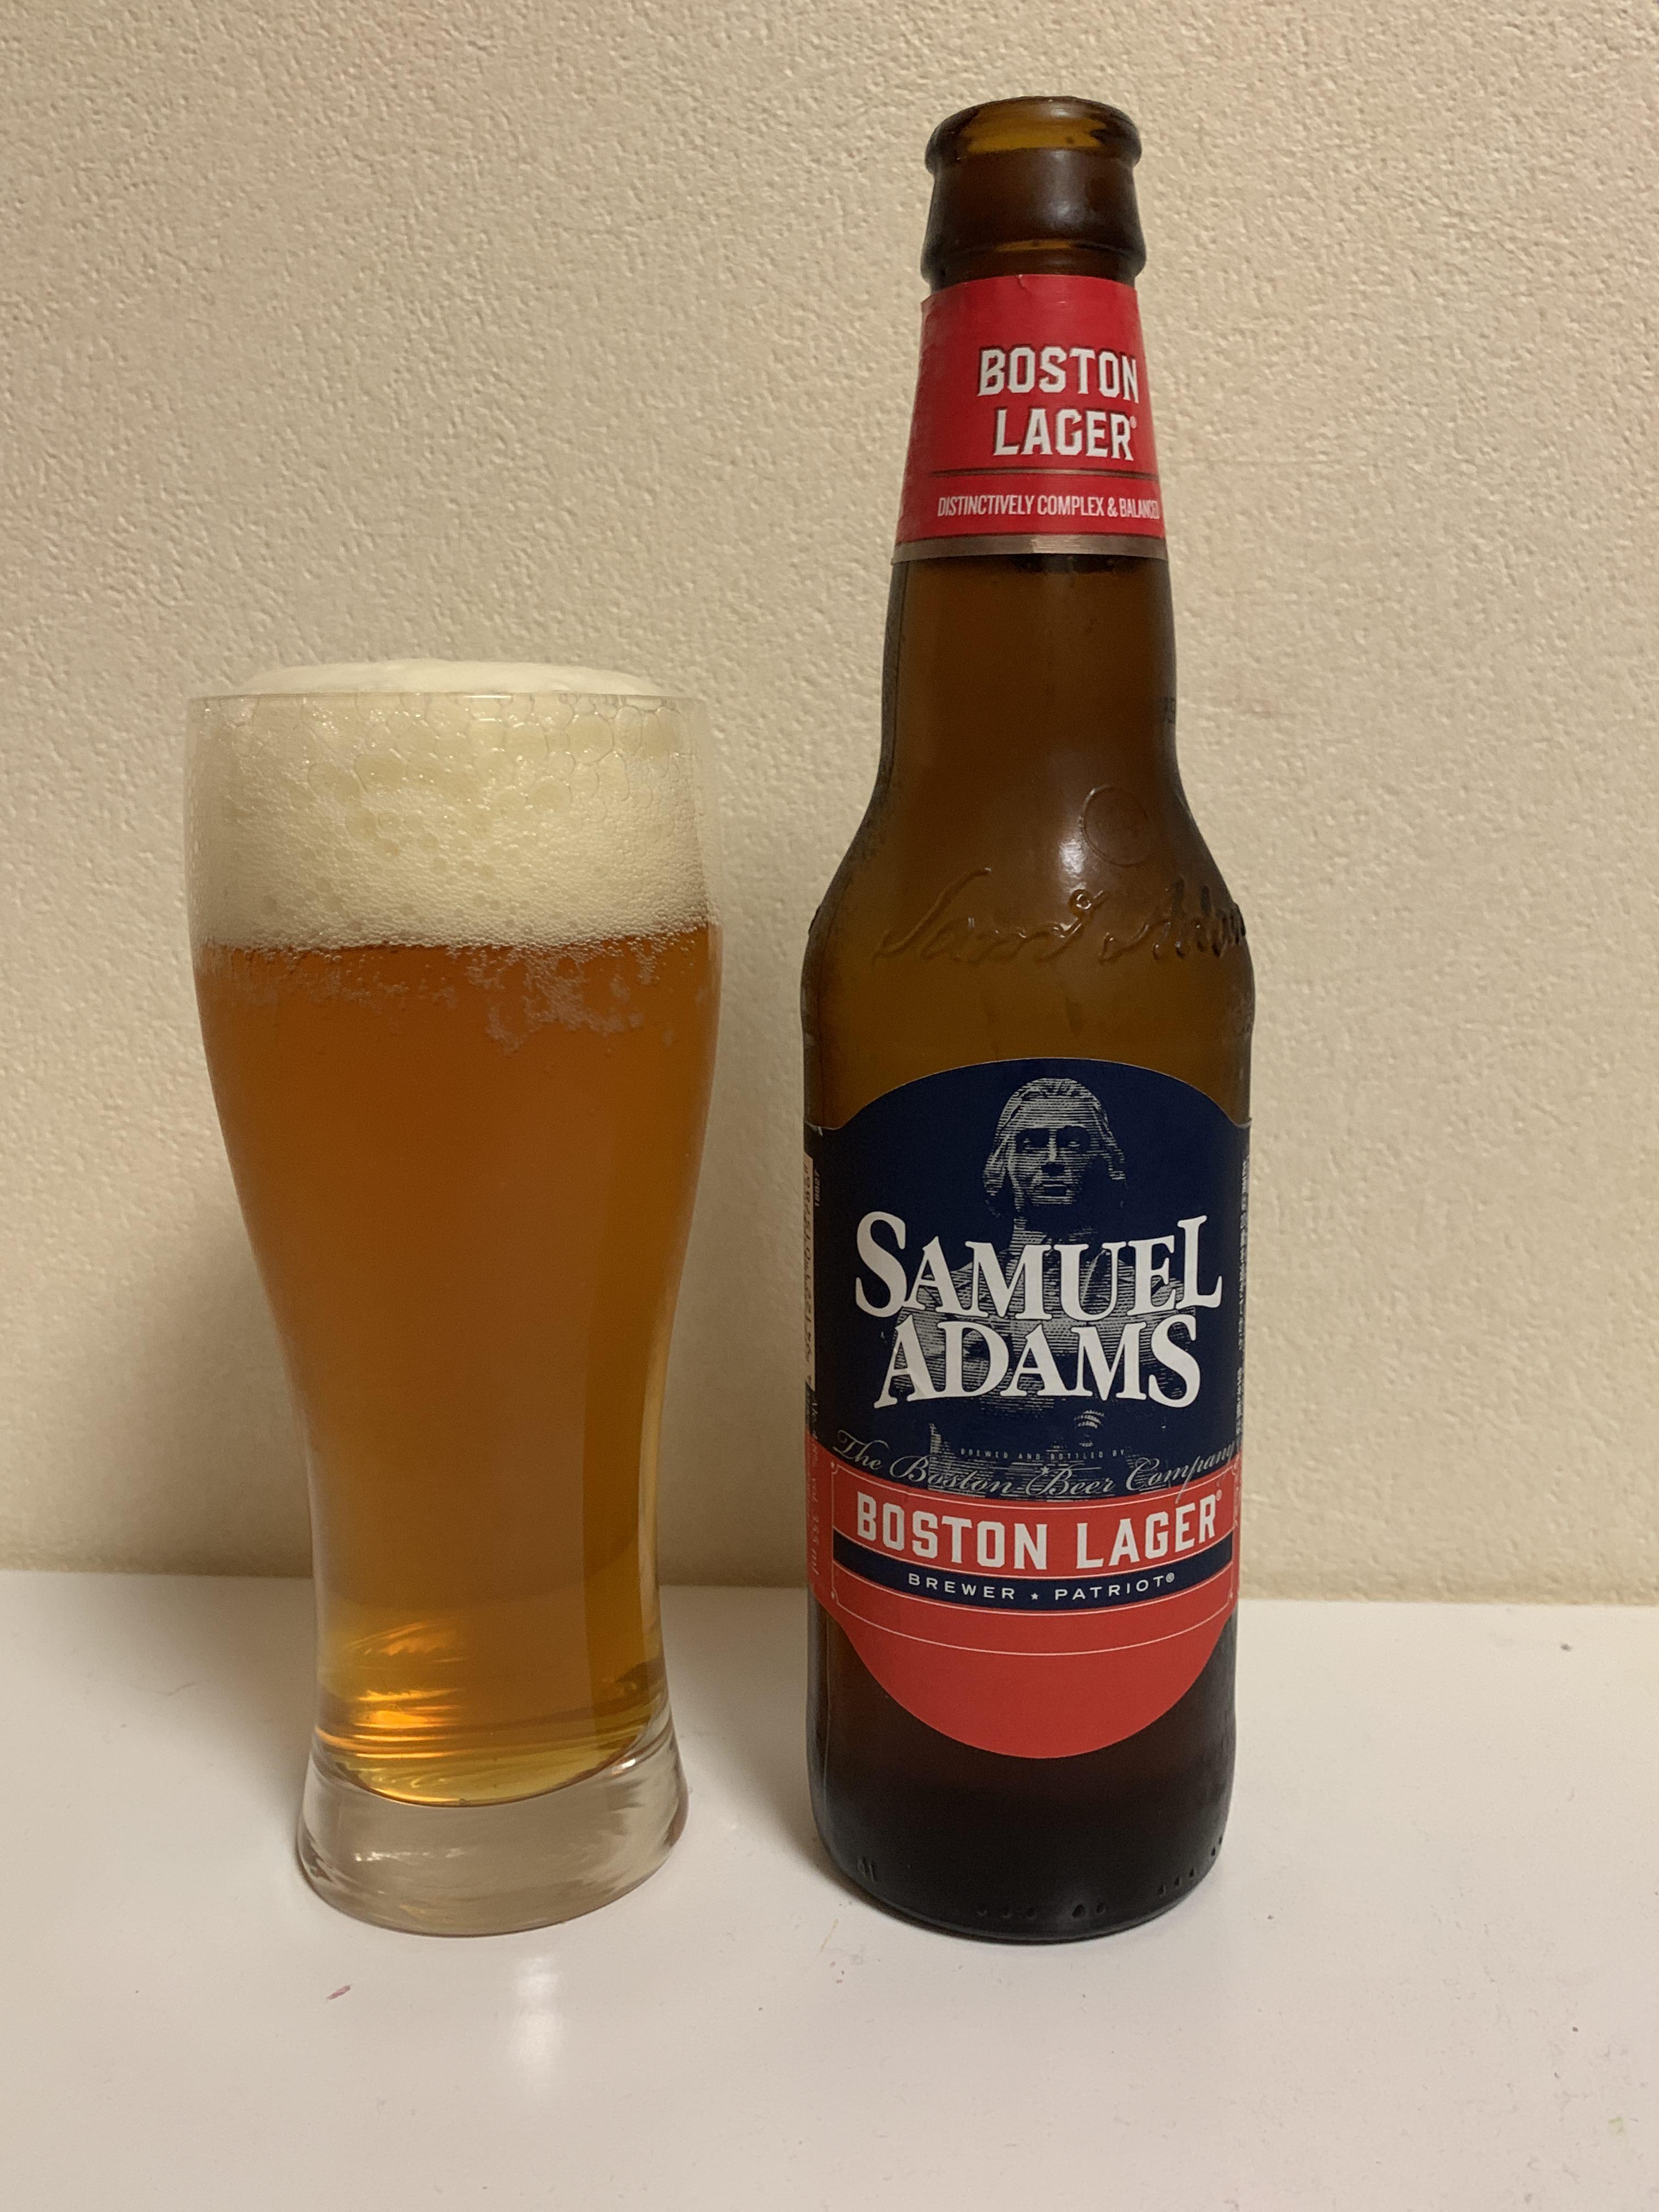 SAMUEL ADAMS BOSTON LAGER(サミュエルアダムス・ボストン ラガー)